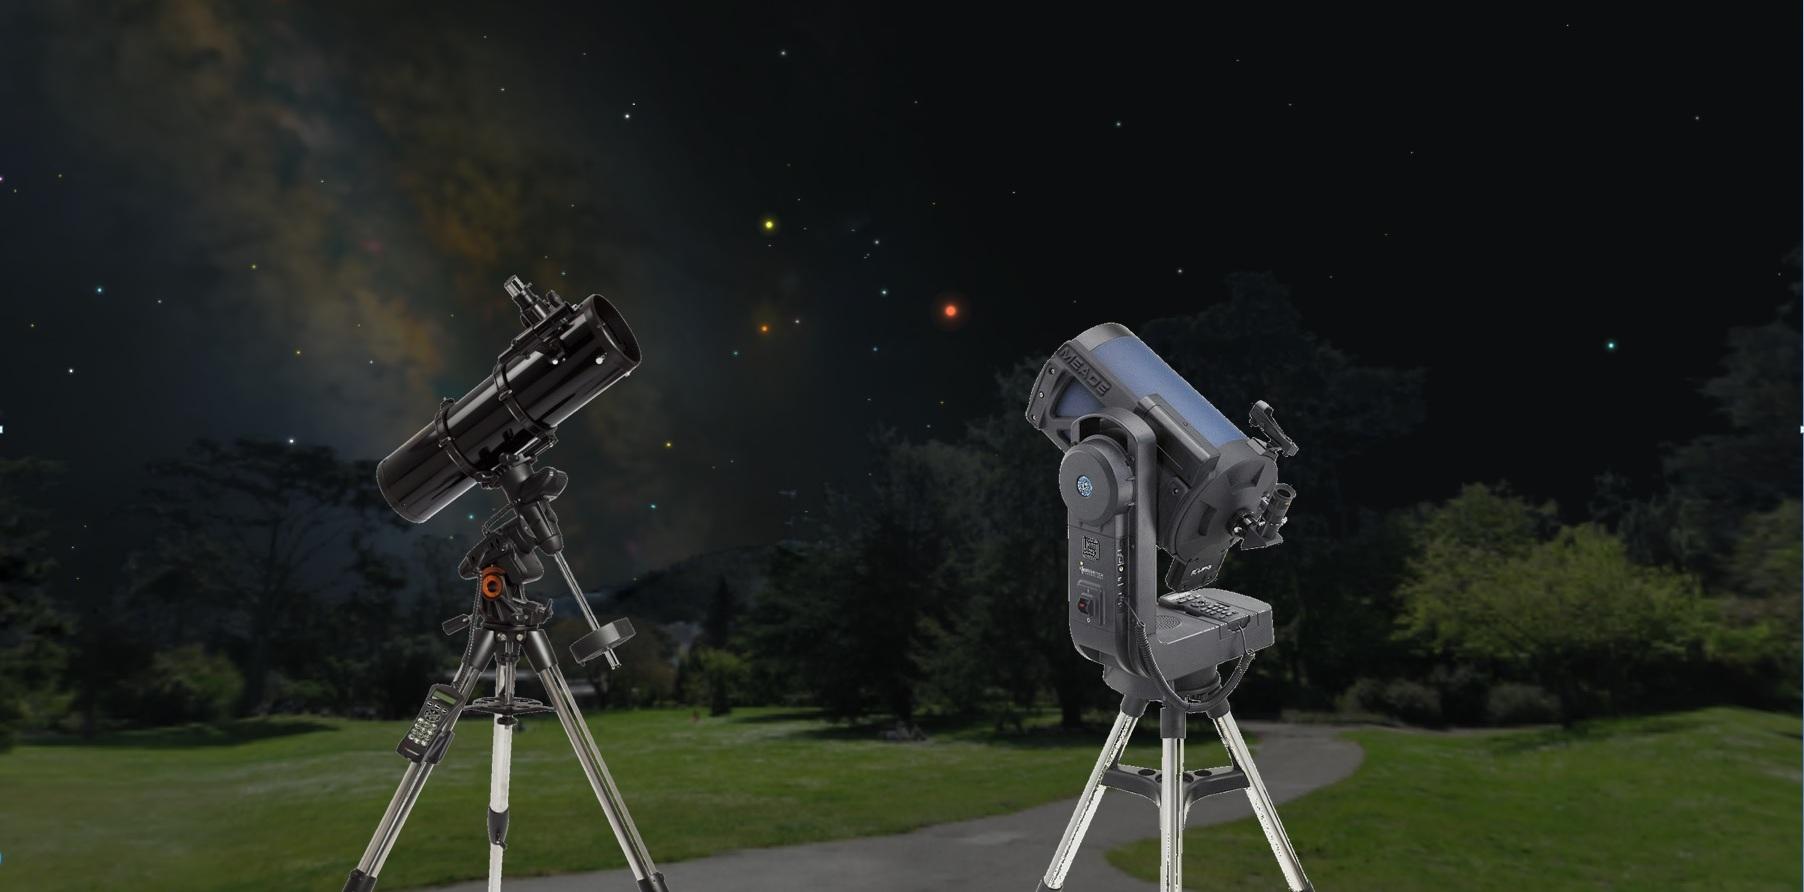 The Best Telescope Options For Stargazing